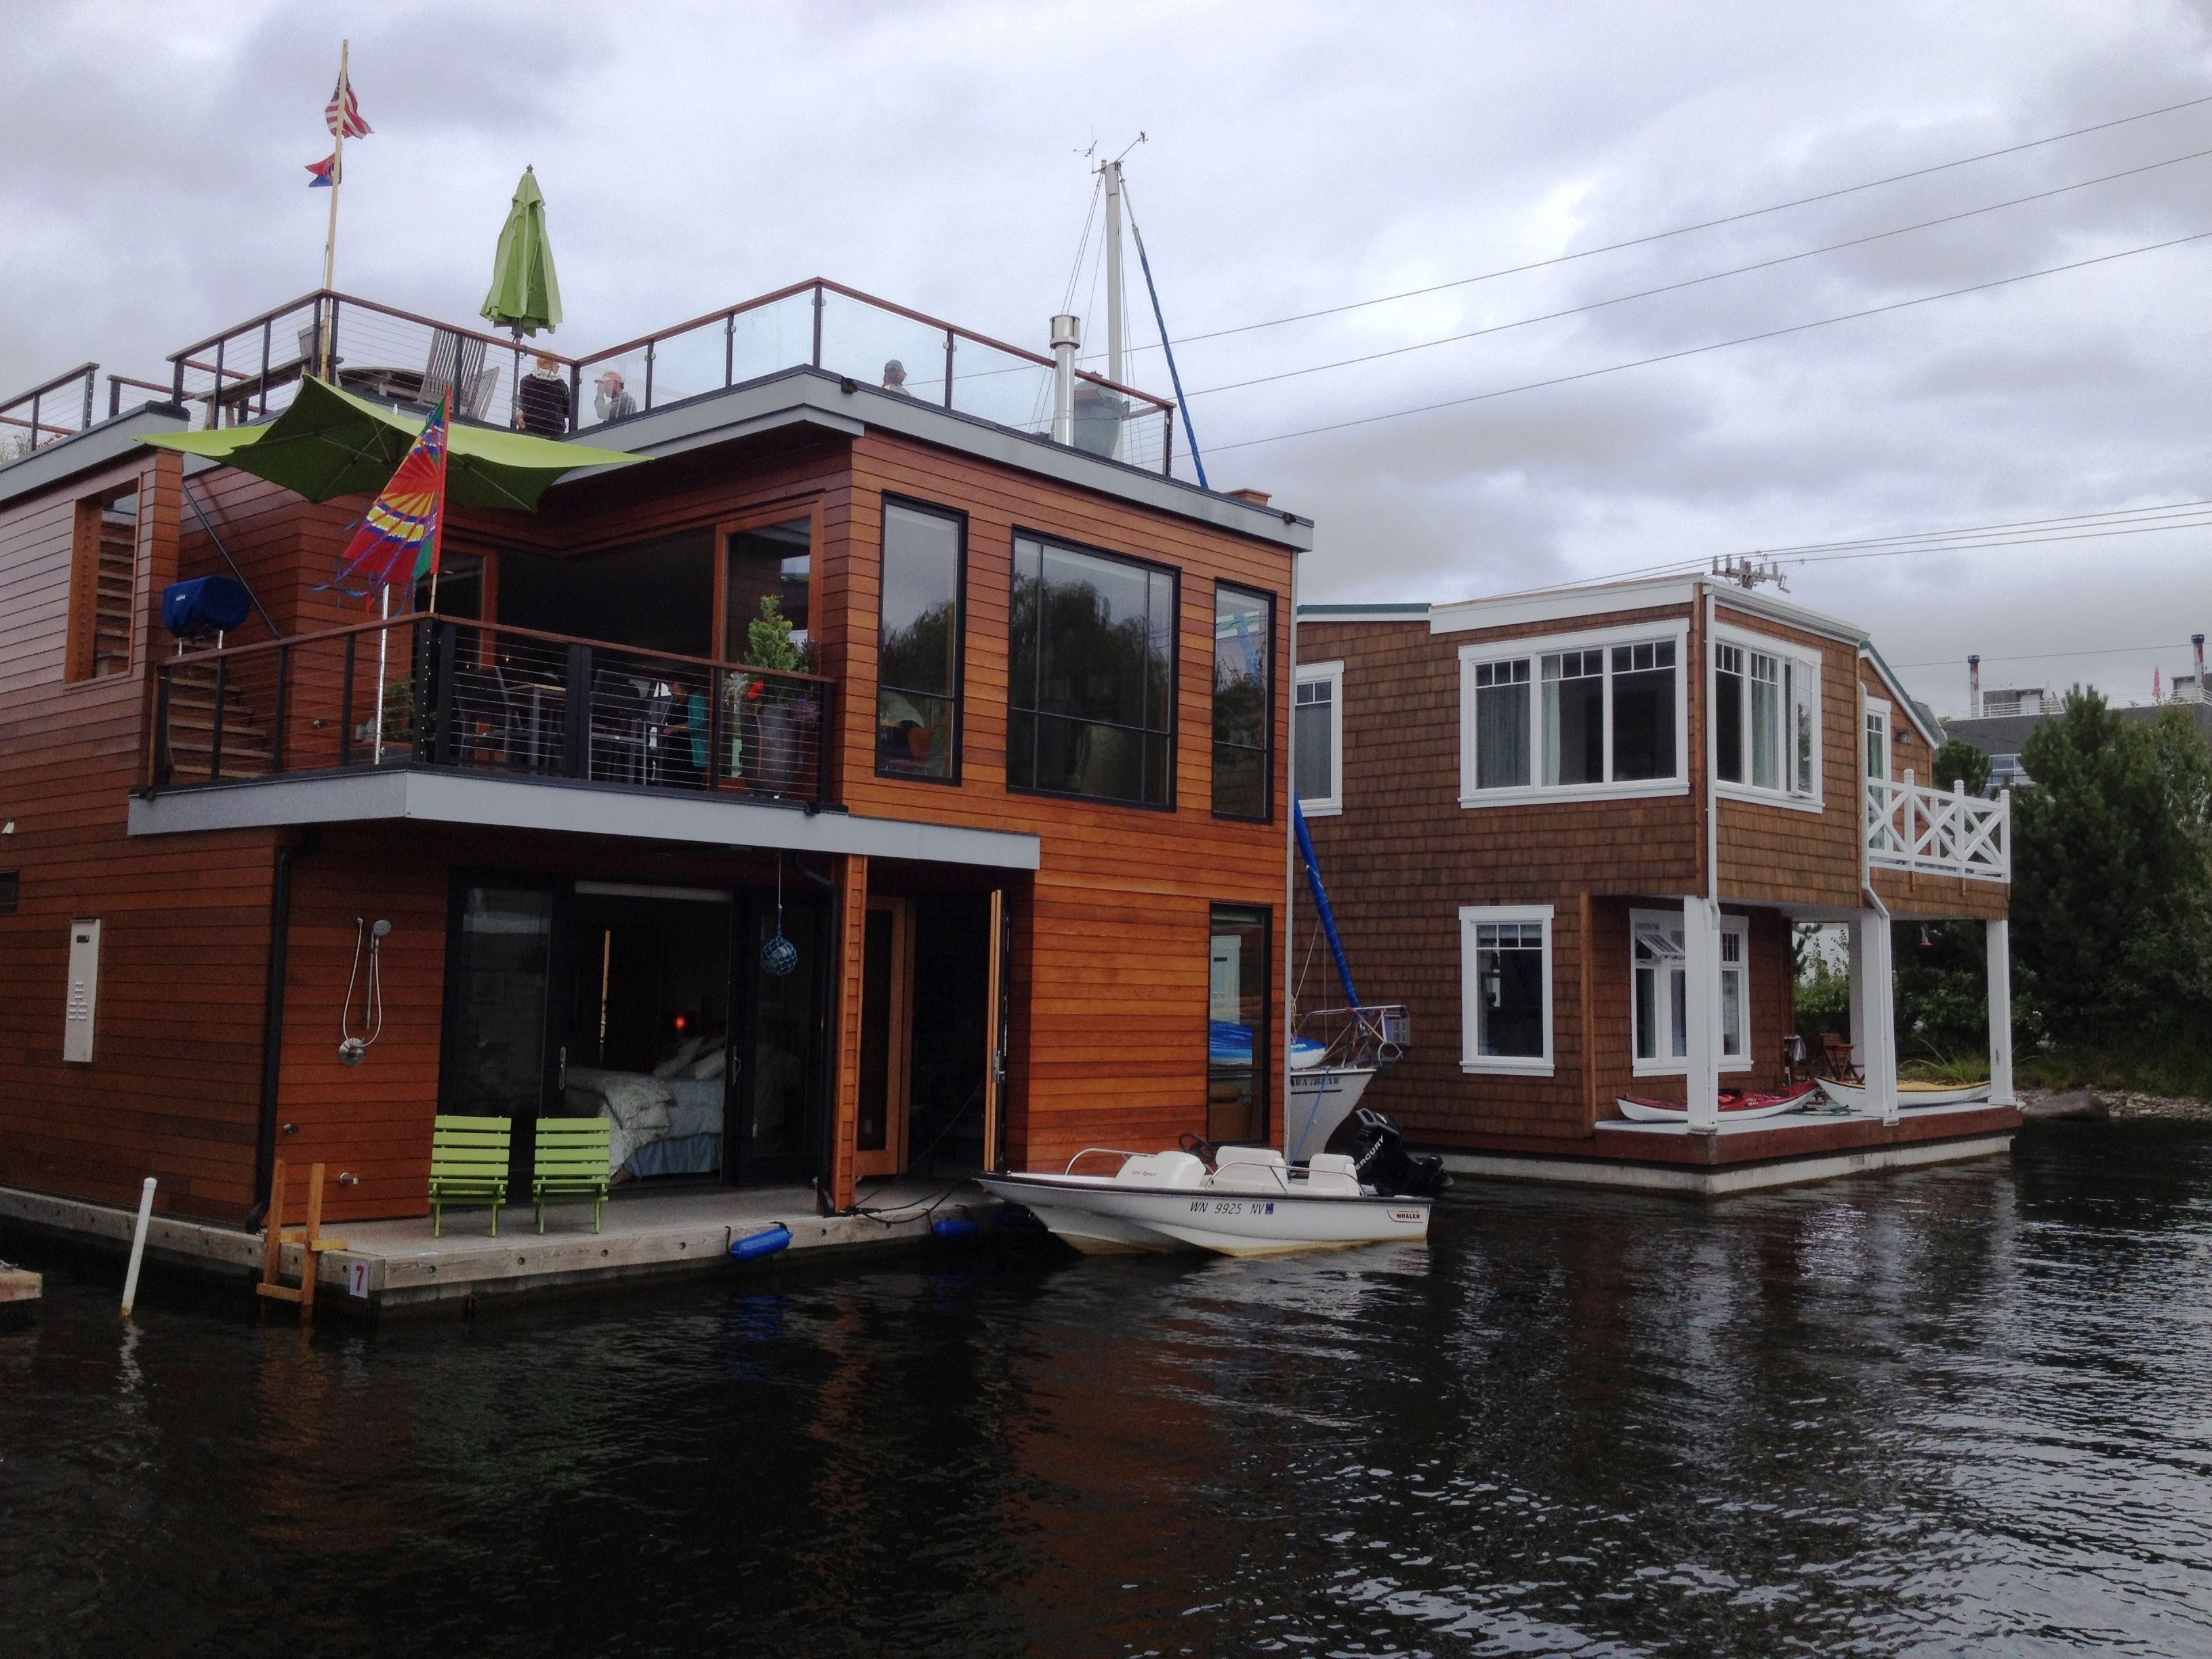 Lake Union Houseboats Seattle Via Our Ambassador Kim